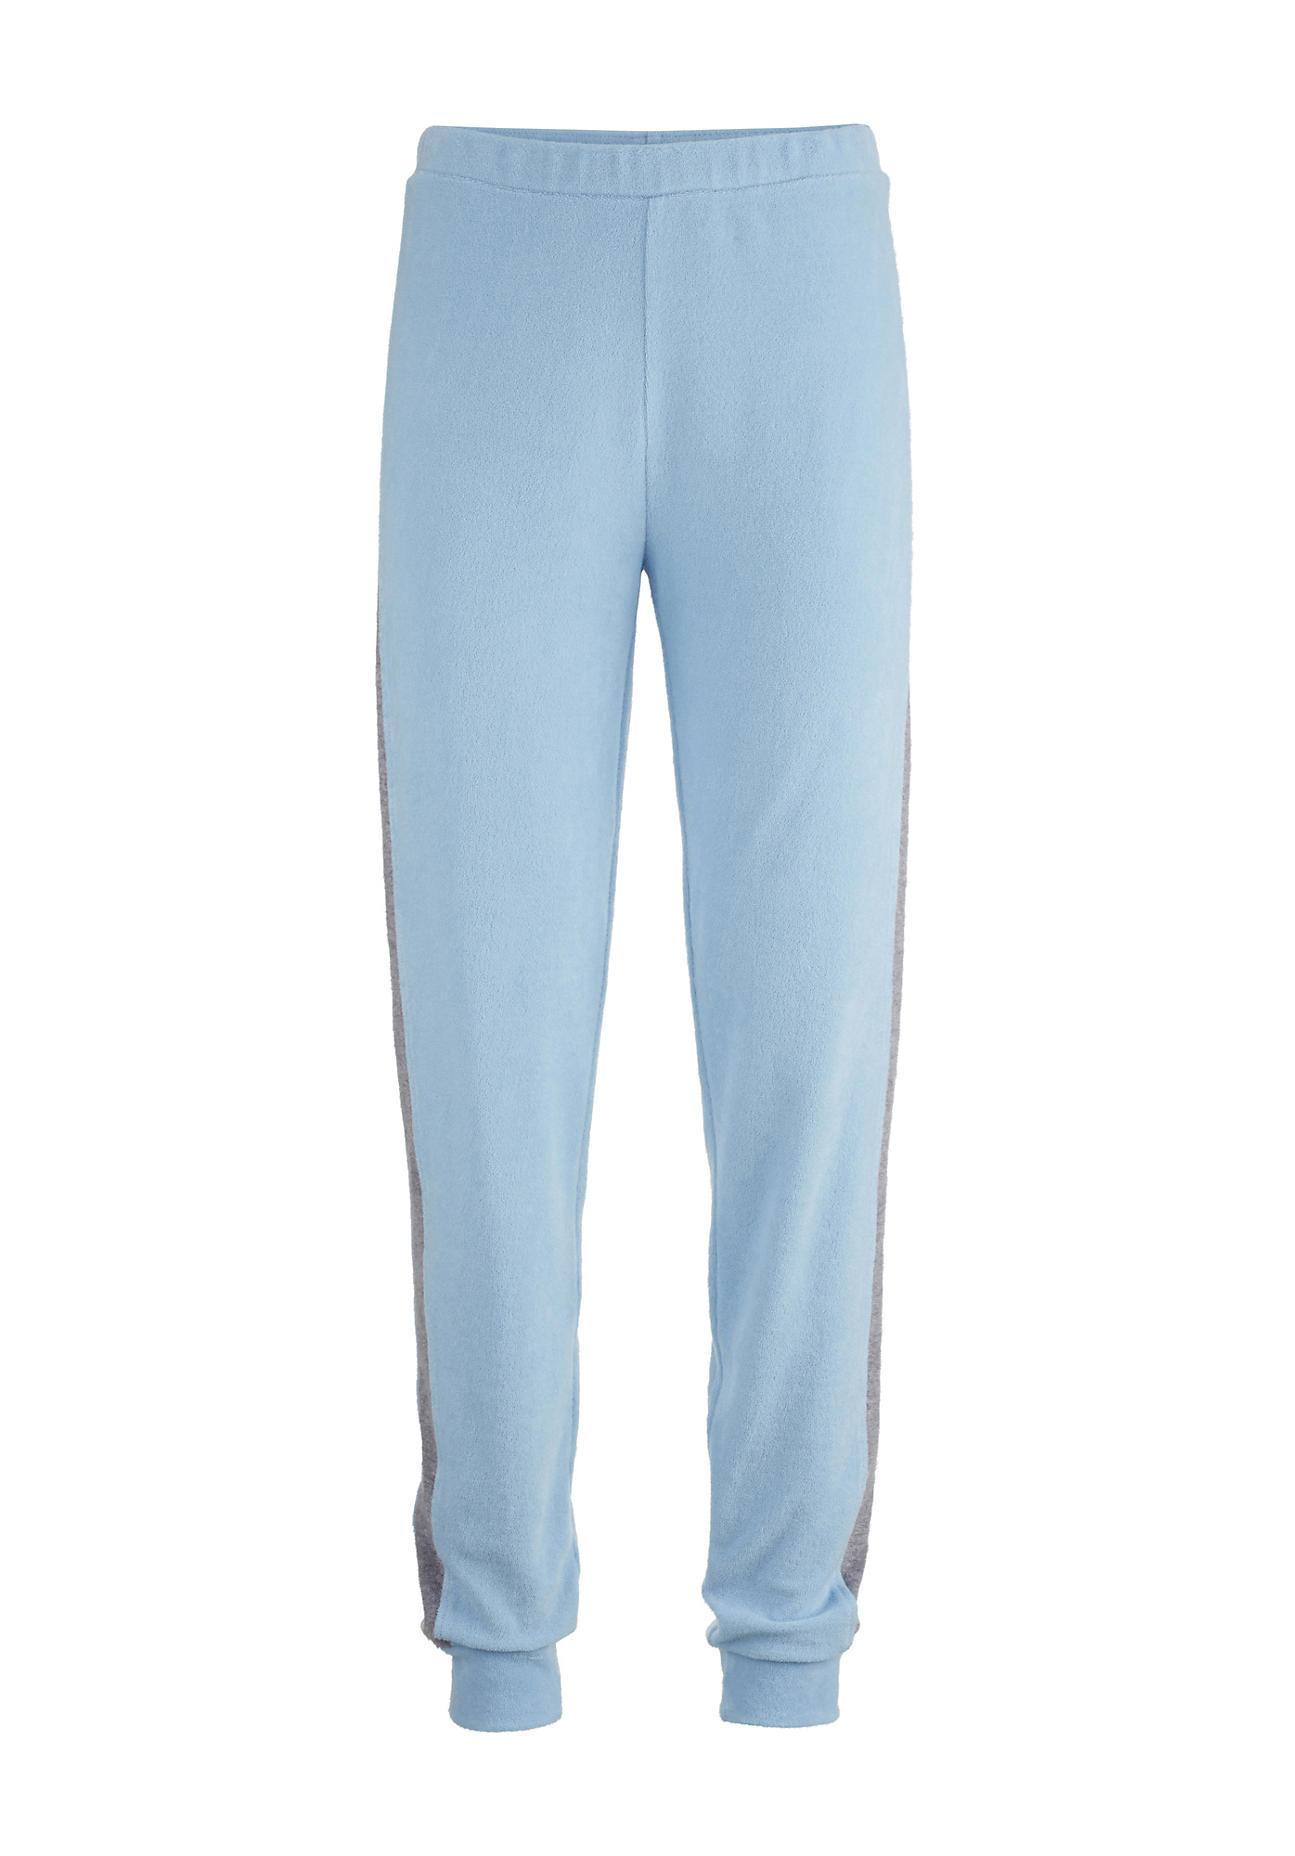 hessnatur Damen Sportliche Frottee-Hose aus Bio-Baumwolle – blau – Größe 46